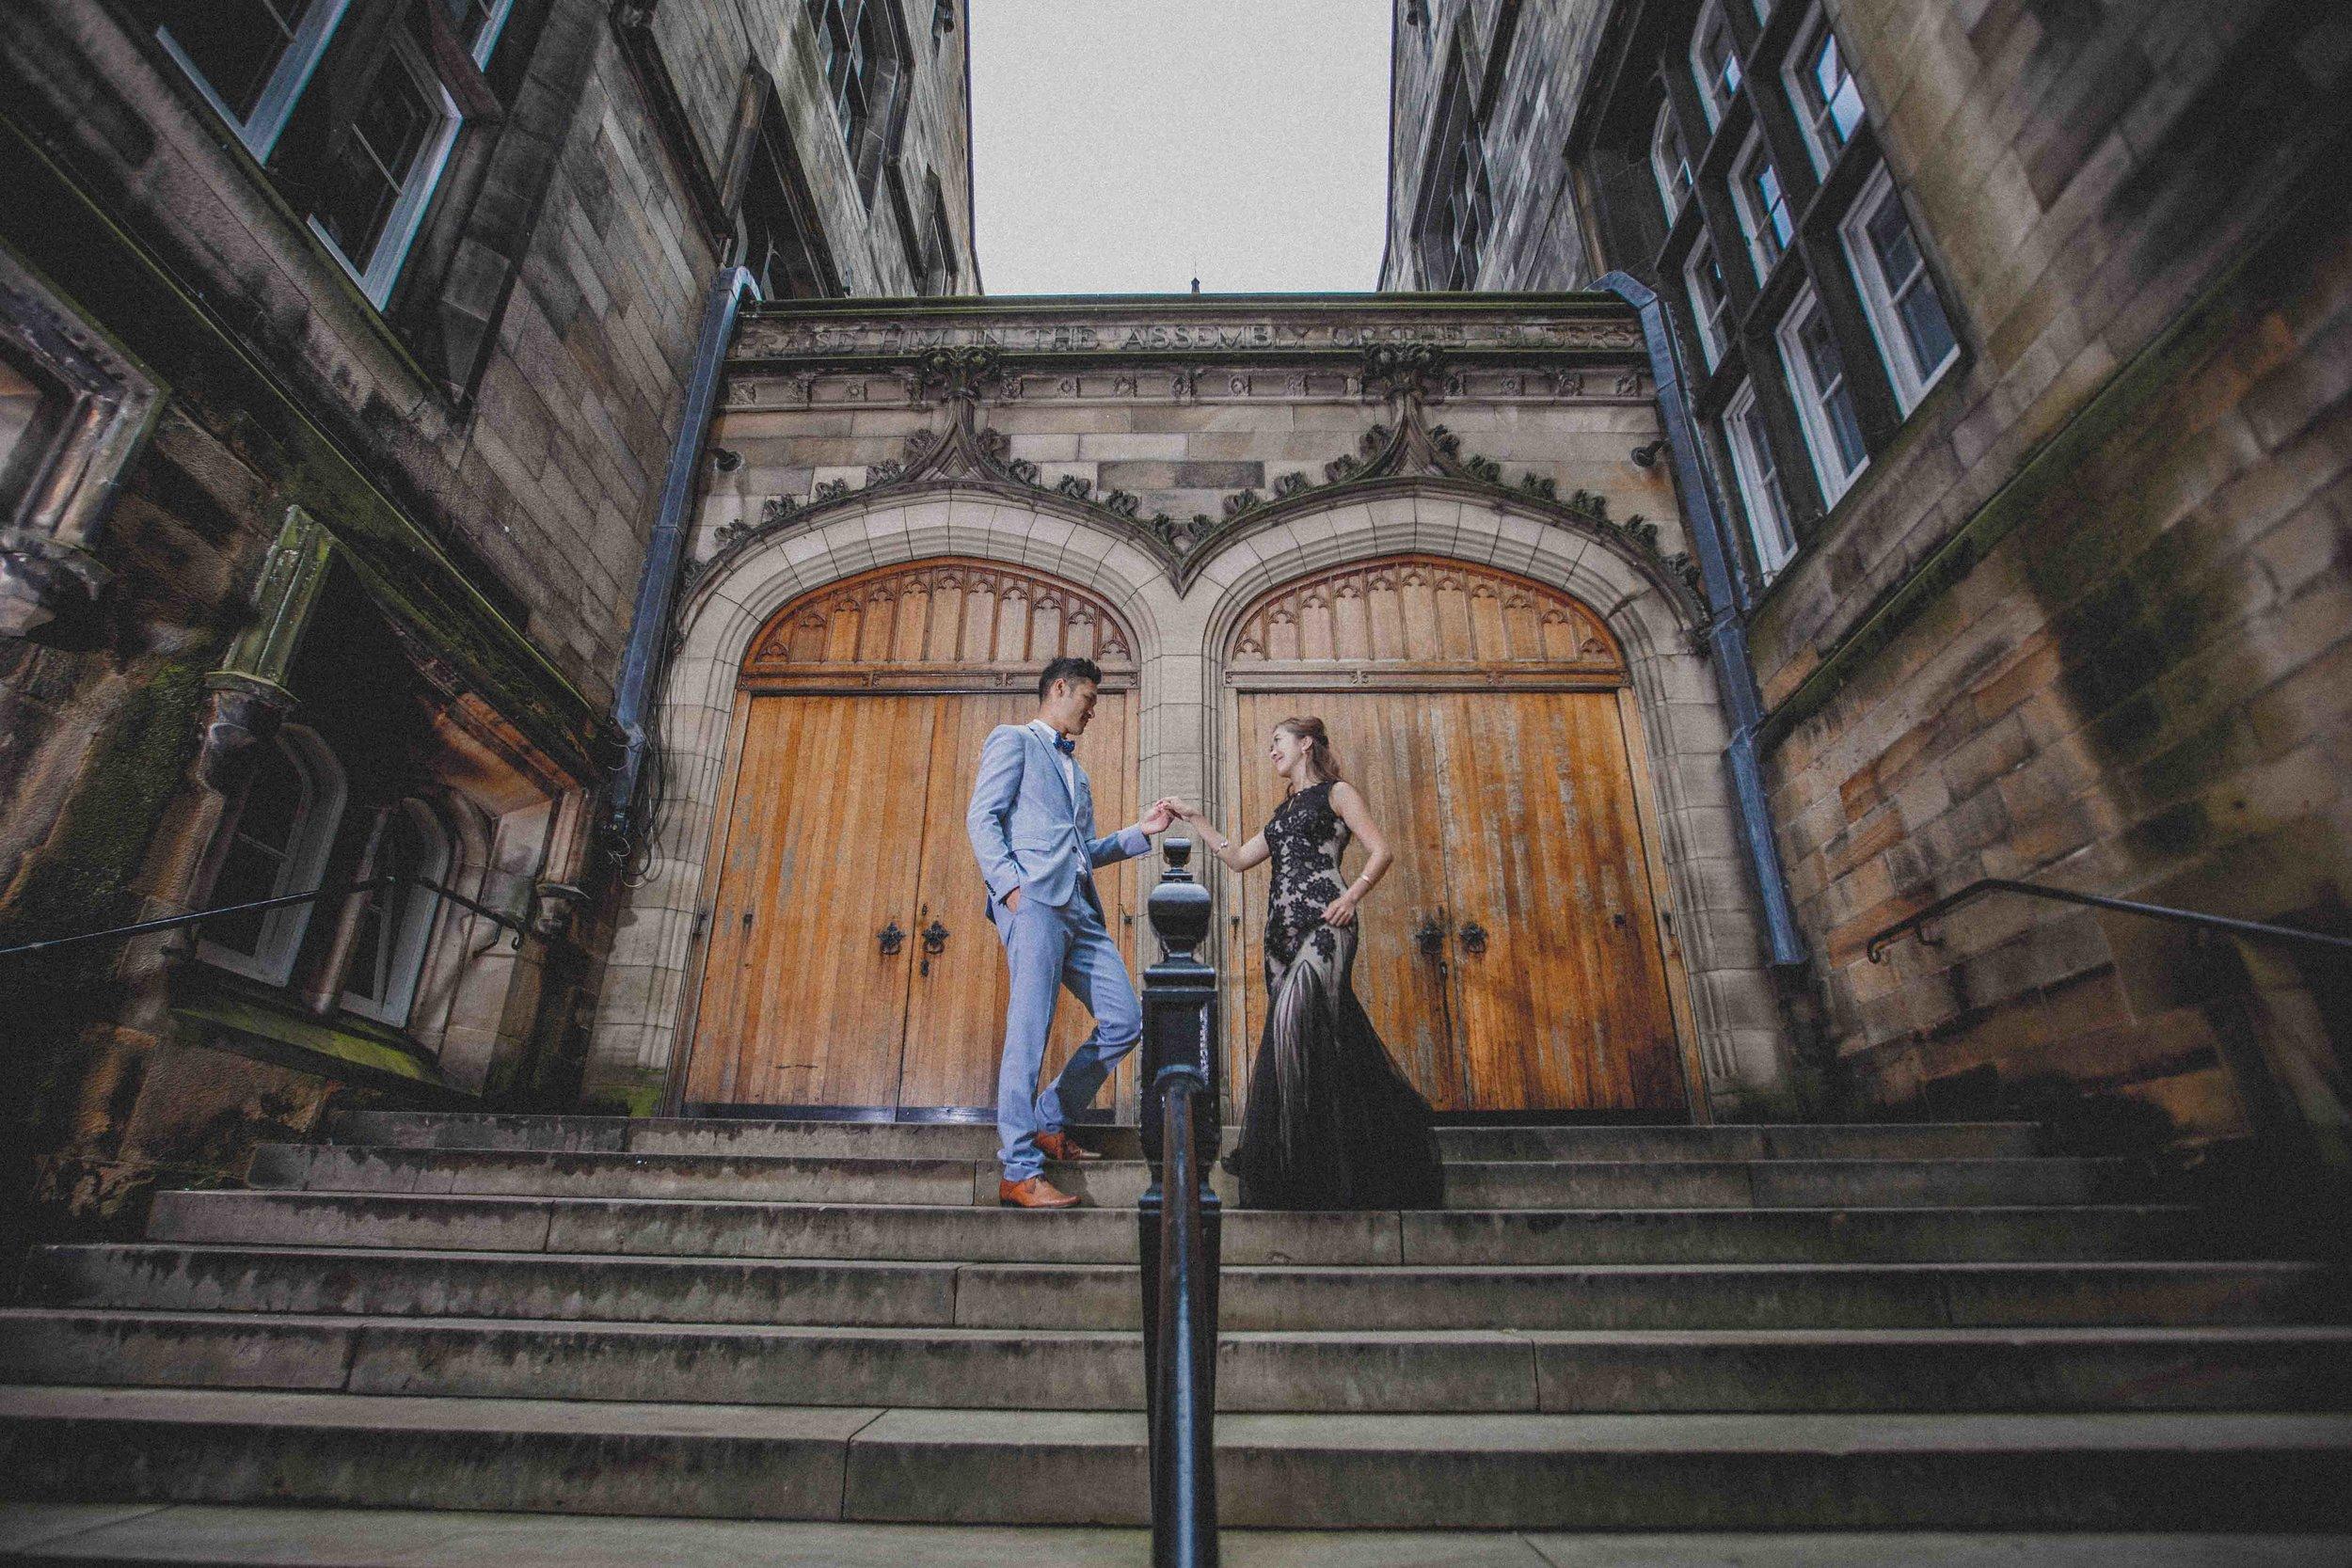 婚紗攝影倫敦英國-婚纱摄影伦敦英国-Chinese- pre-wedding-engagement-shoot-photoshoot-London-edinburgh-destination-wedding-photographer-hong-kong-natalia-smith-photography-19.jpg